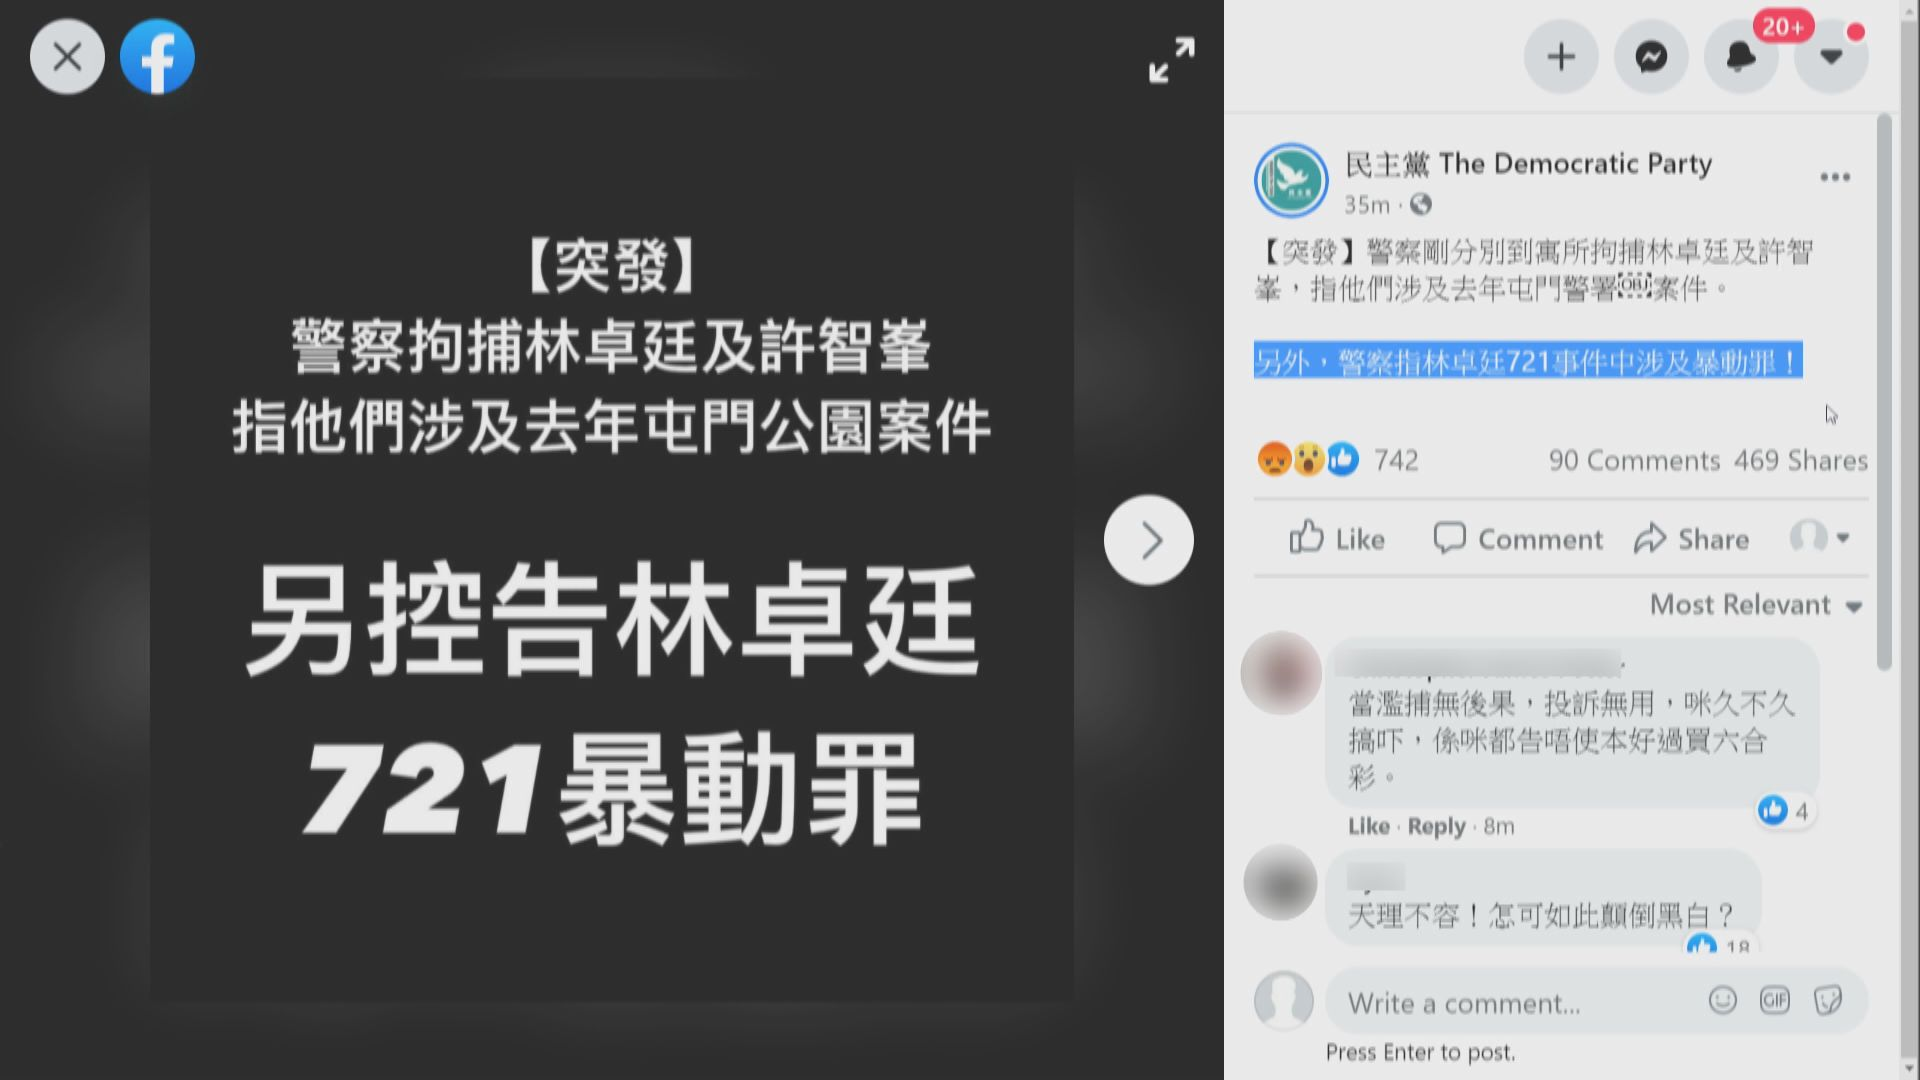 民主黨稱林卓廷及許智峯被捕 其中林卓廷涉七二一暴動